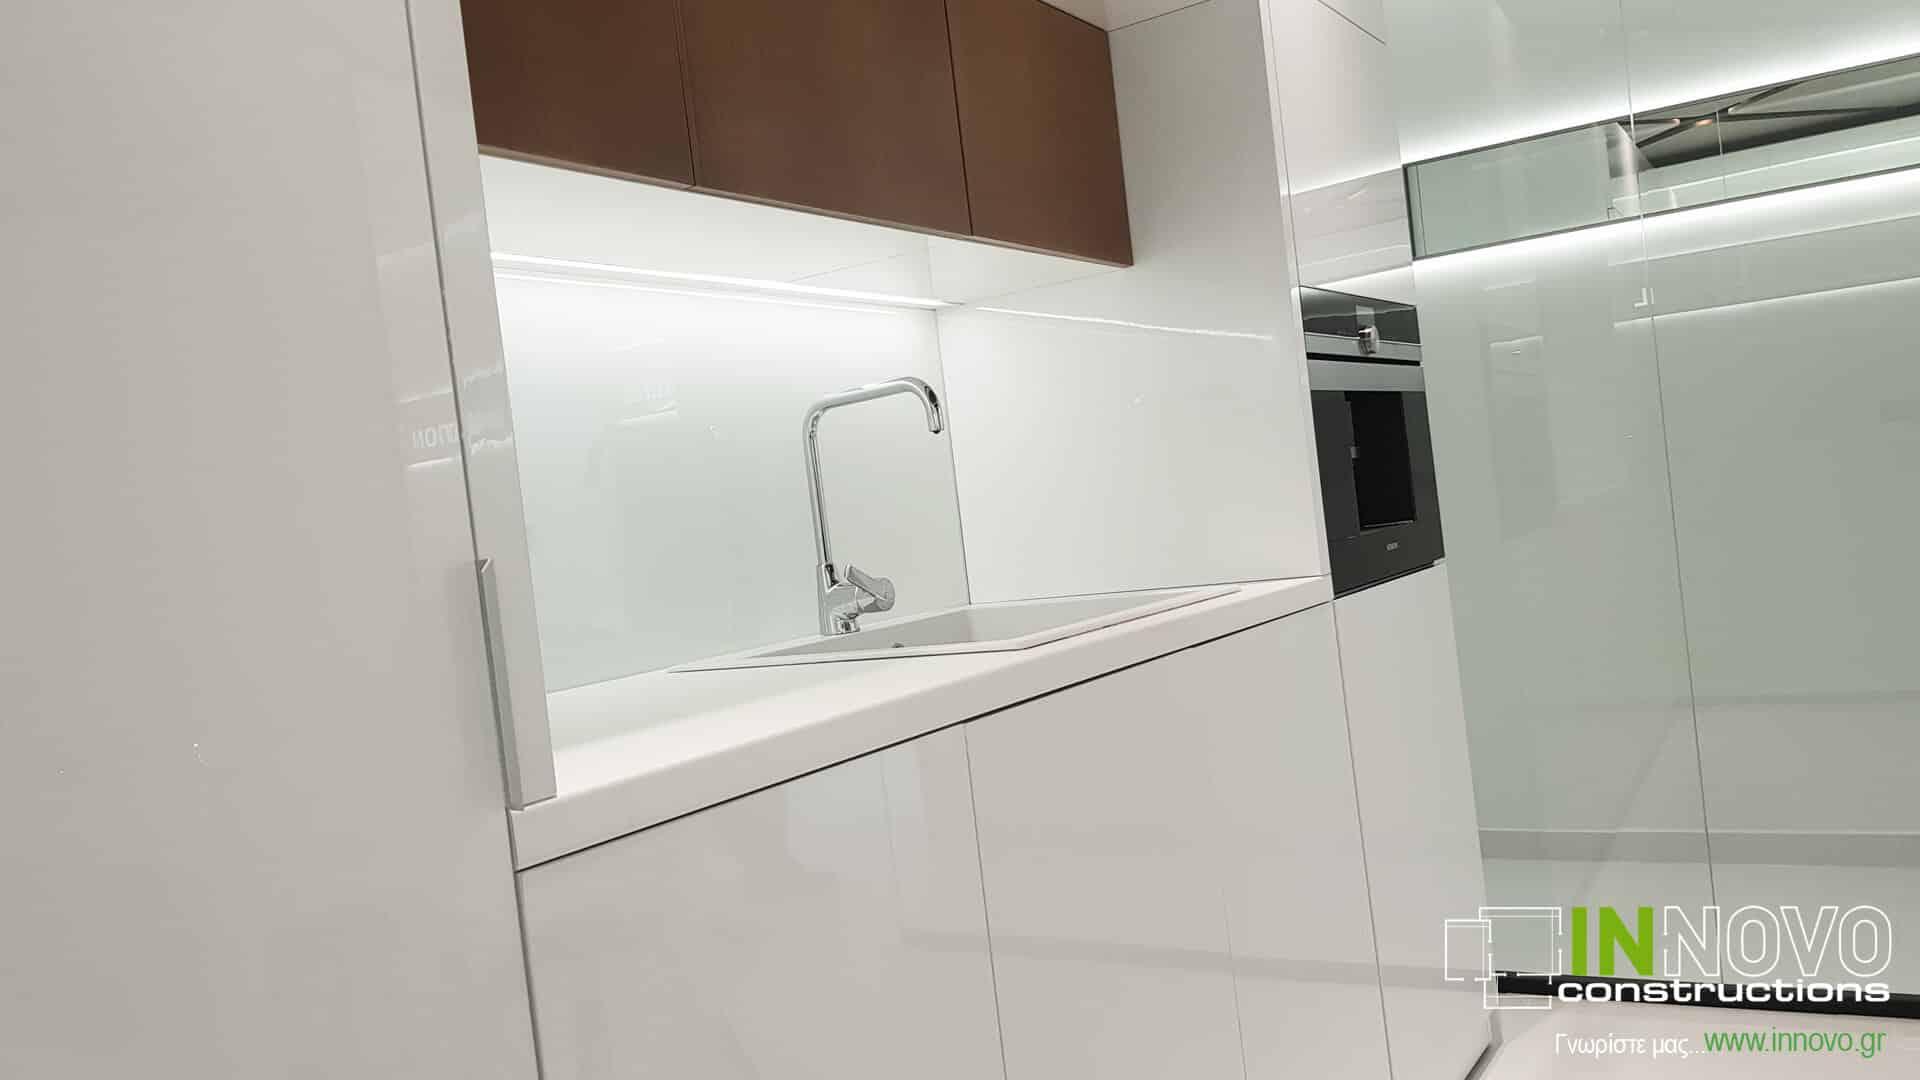 Από την Innovo Constructions ανακαίνιση σχεδιασμού Ιατρείου Πλαστικής